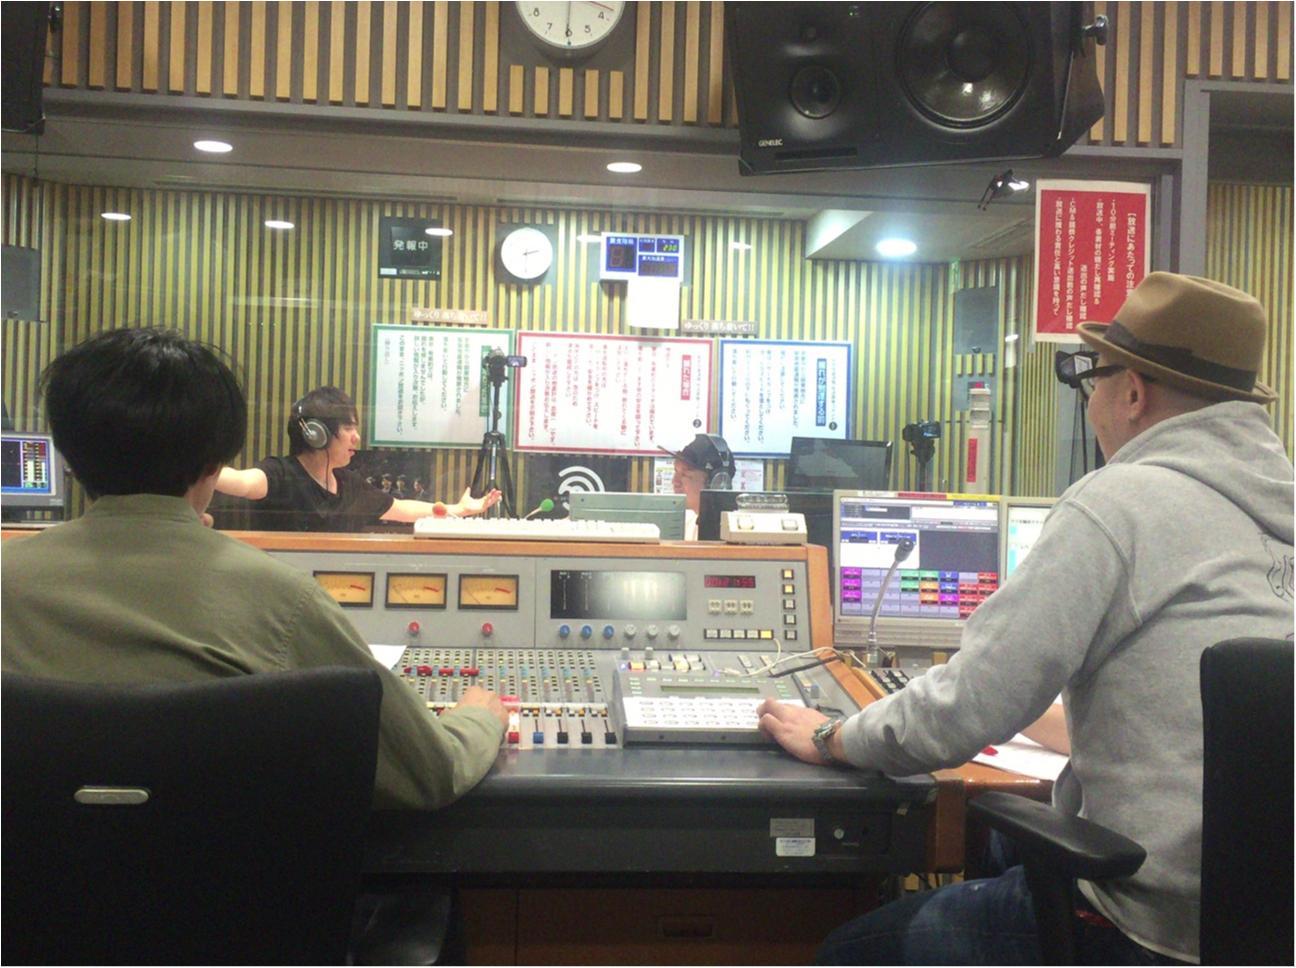 【ウラMORE】ウーマンラッシュ村本さんのラジオの裏側、突撃取材!_4